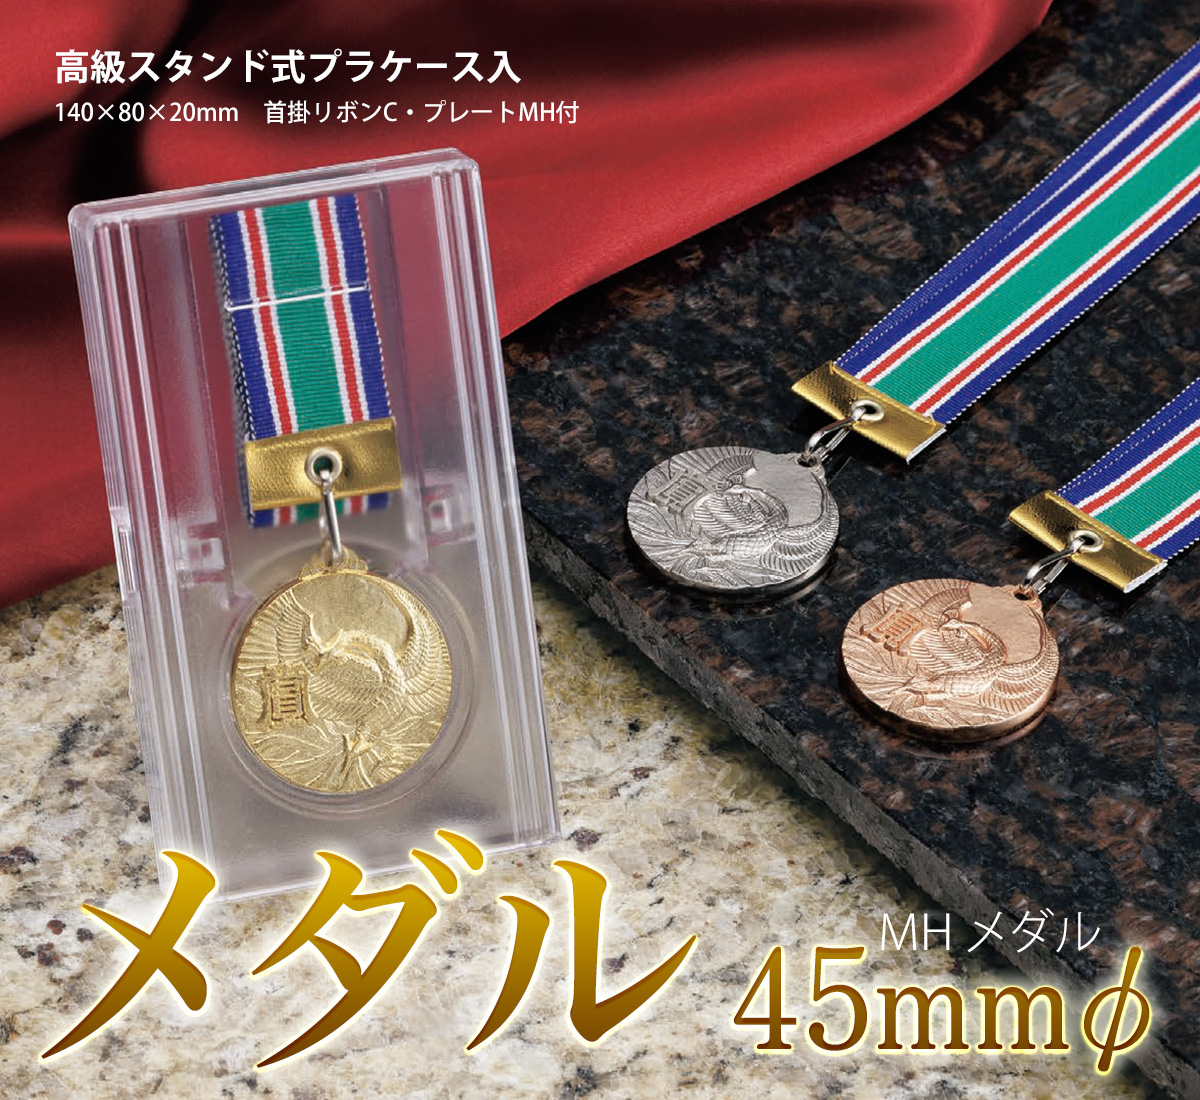 メダル 45mmφ MHメダル画像